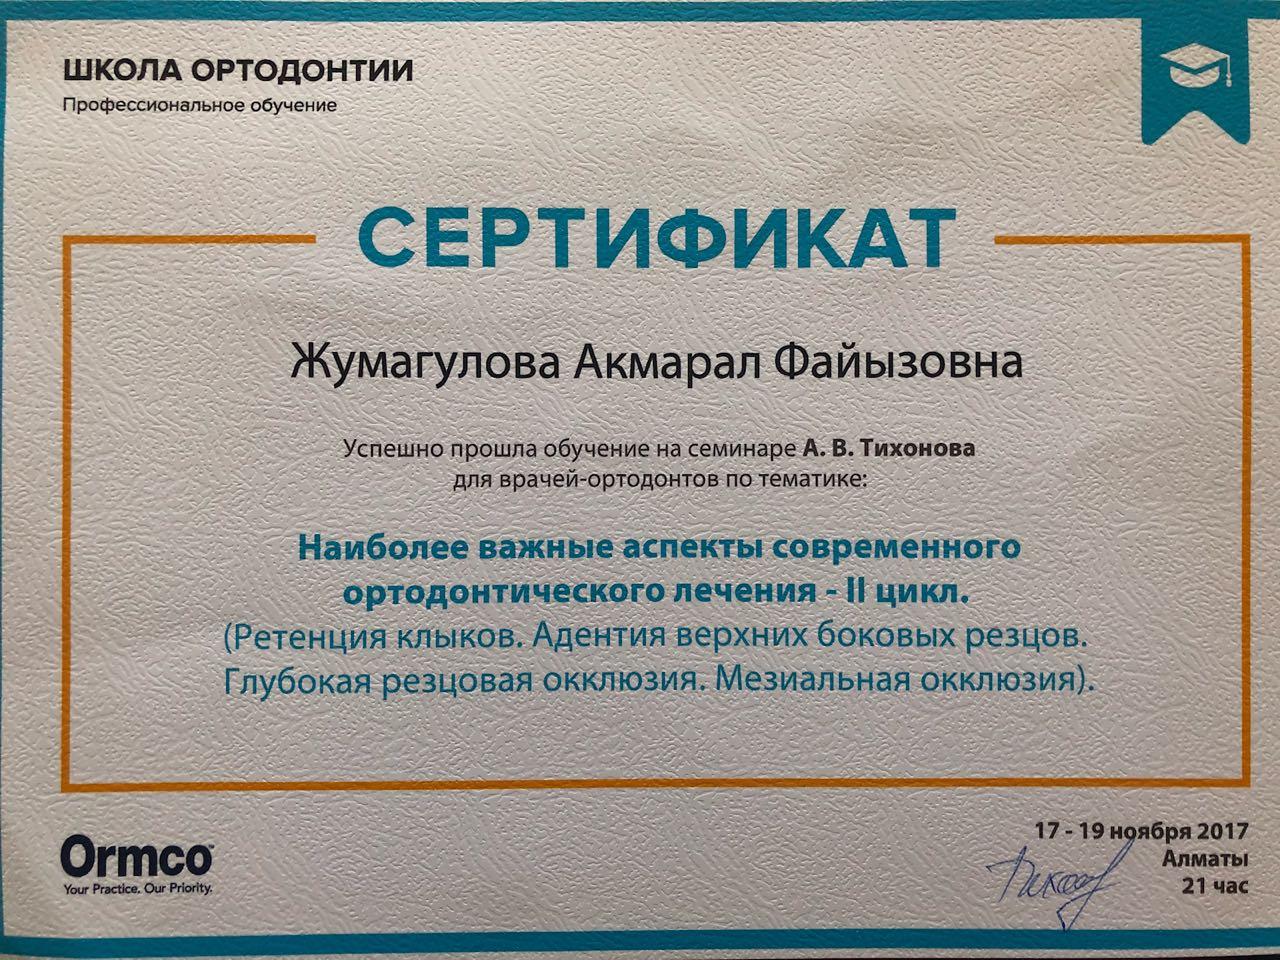 Установка брекетов в Казахстане, фото 106